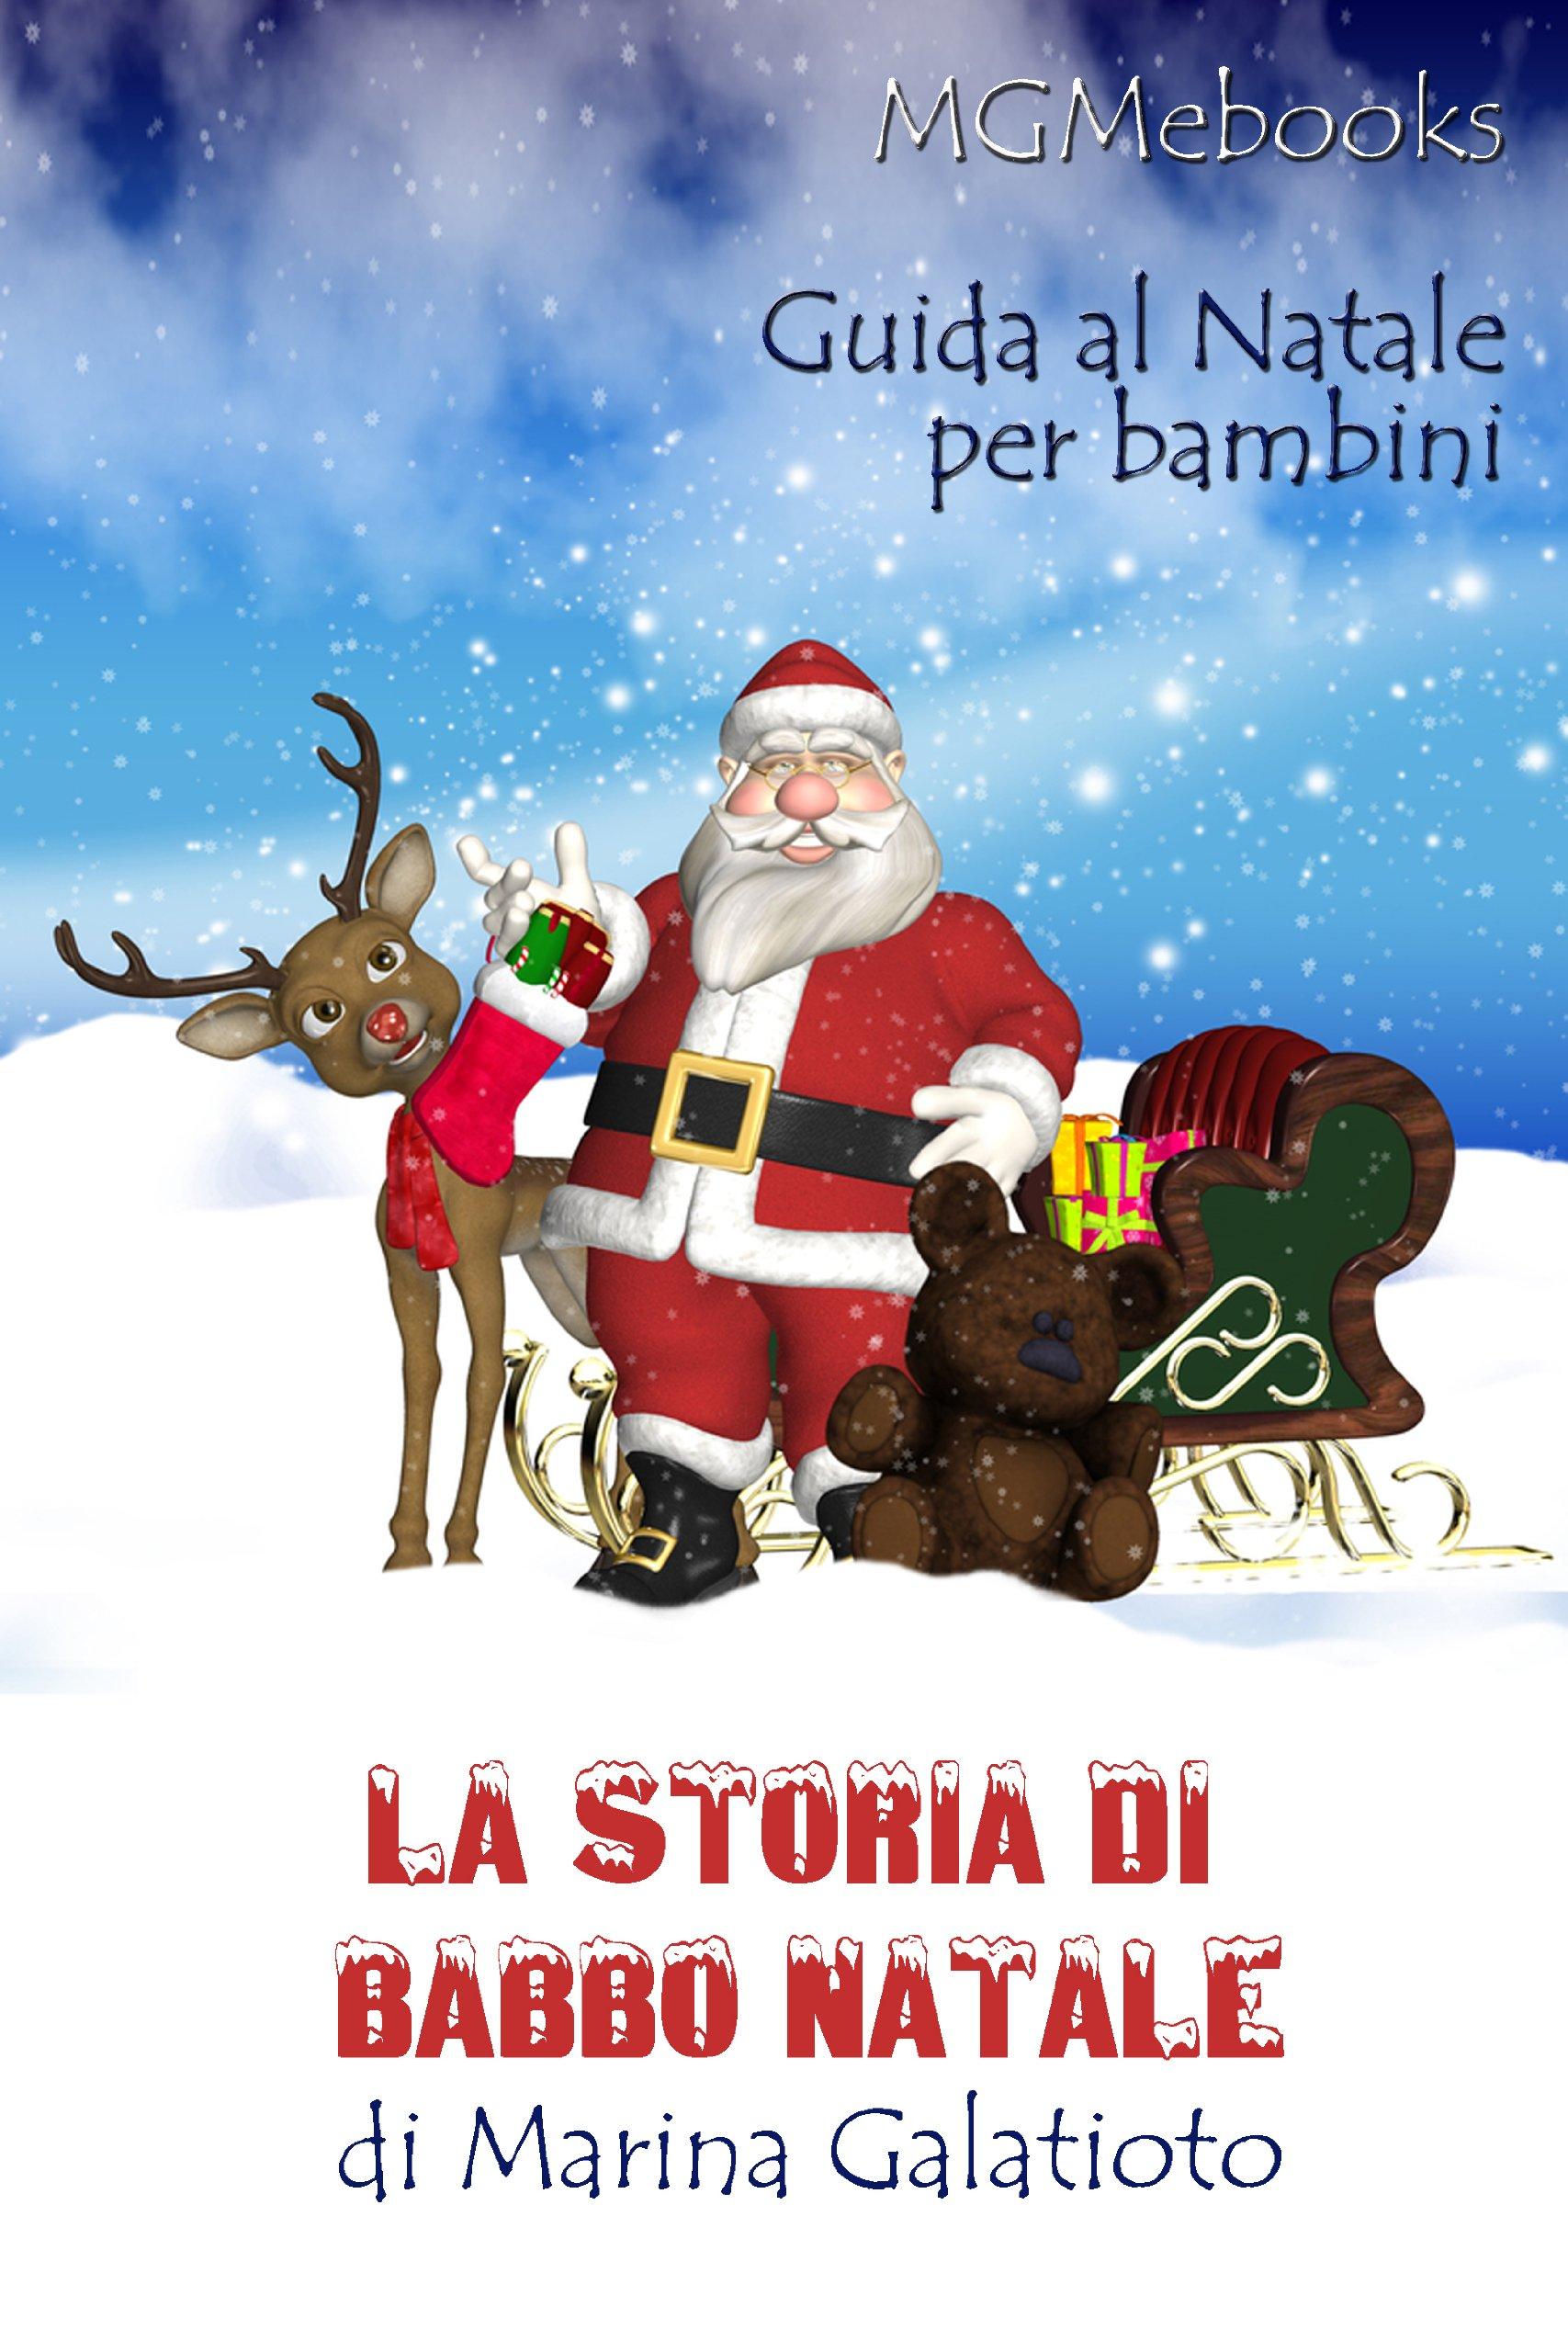 La Storia Babbo Natale.La Storia Di Babbo Natale Giochi Legno